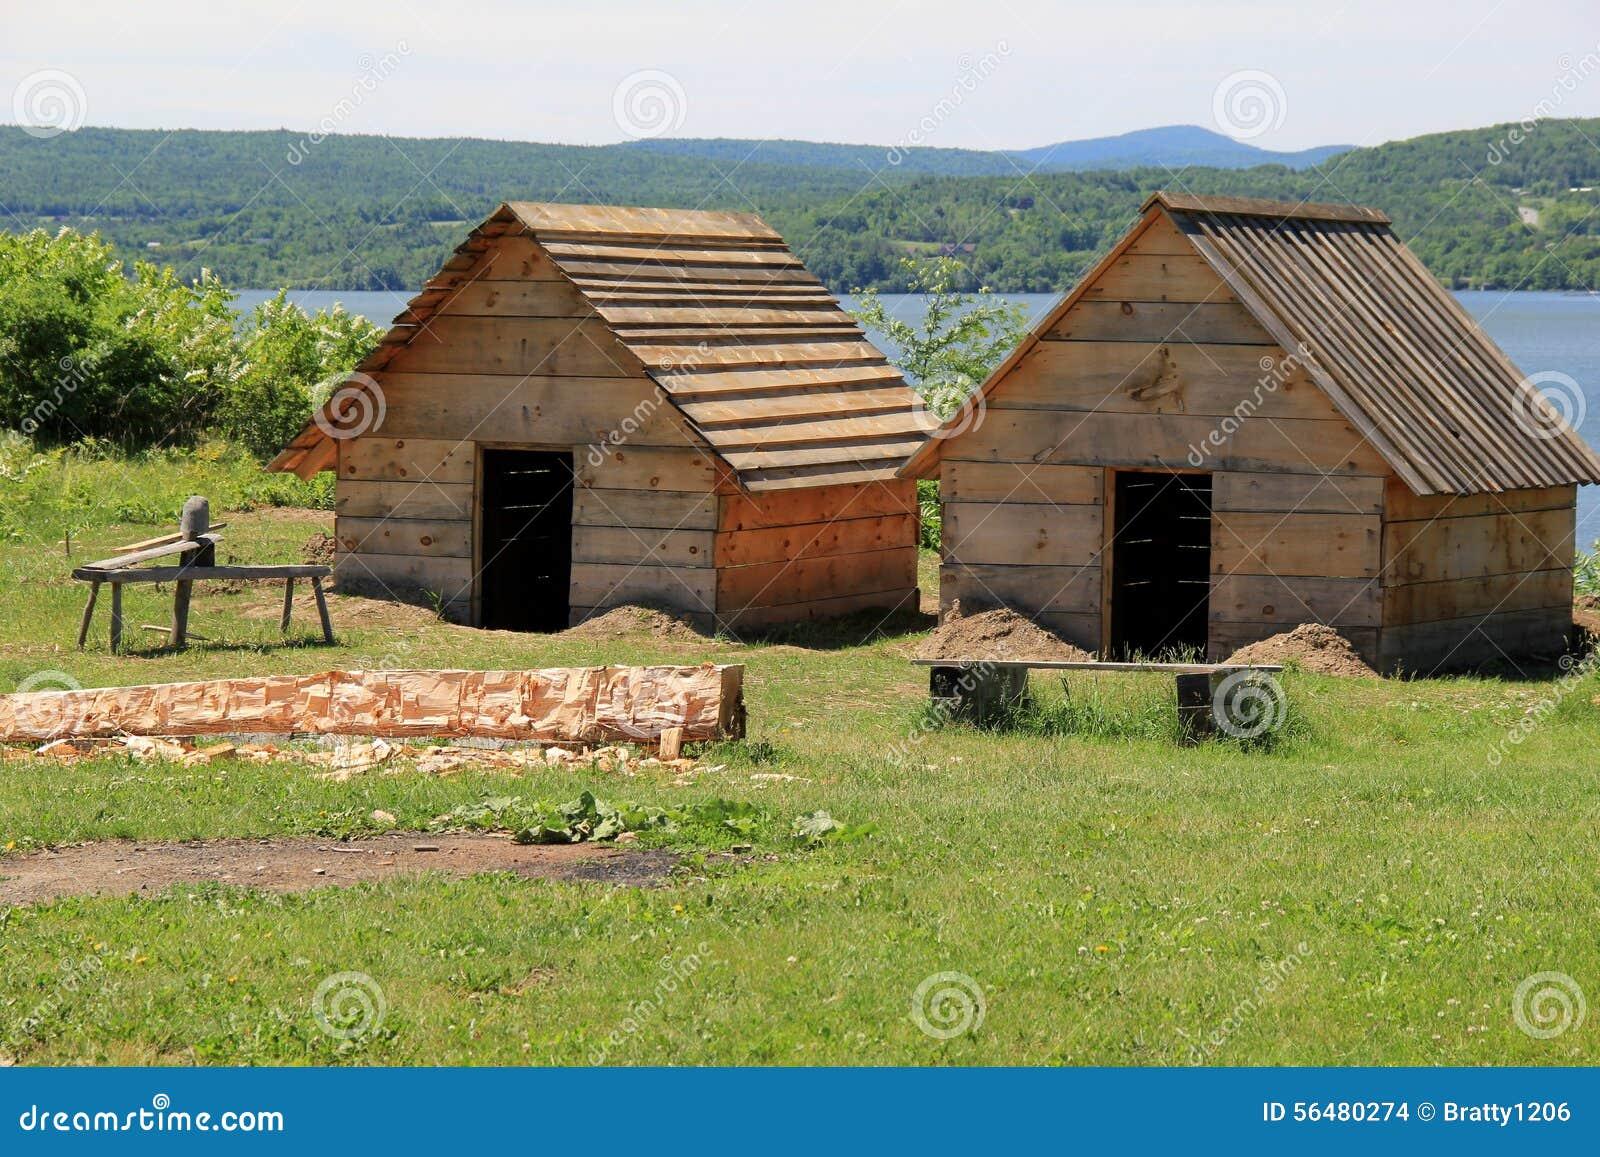 Colonel Anthony Wayne a publié des ordres pour commencer à construire un meilleur logement pour abriter les hommes du régiment, f